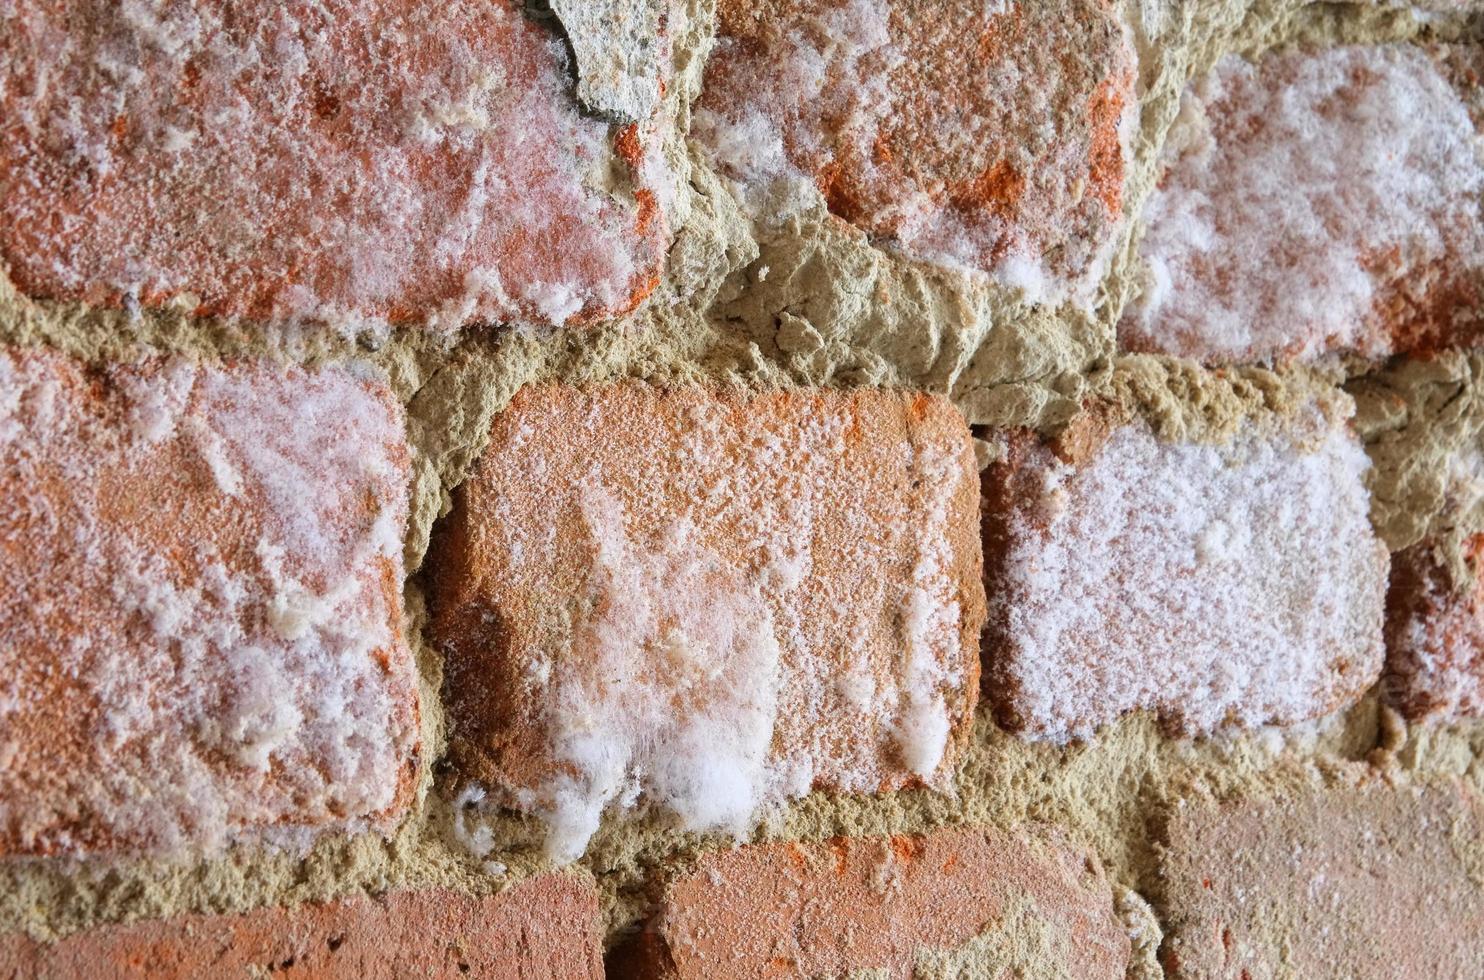 pared con hongo de moho foto